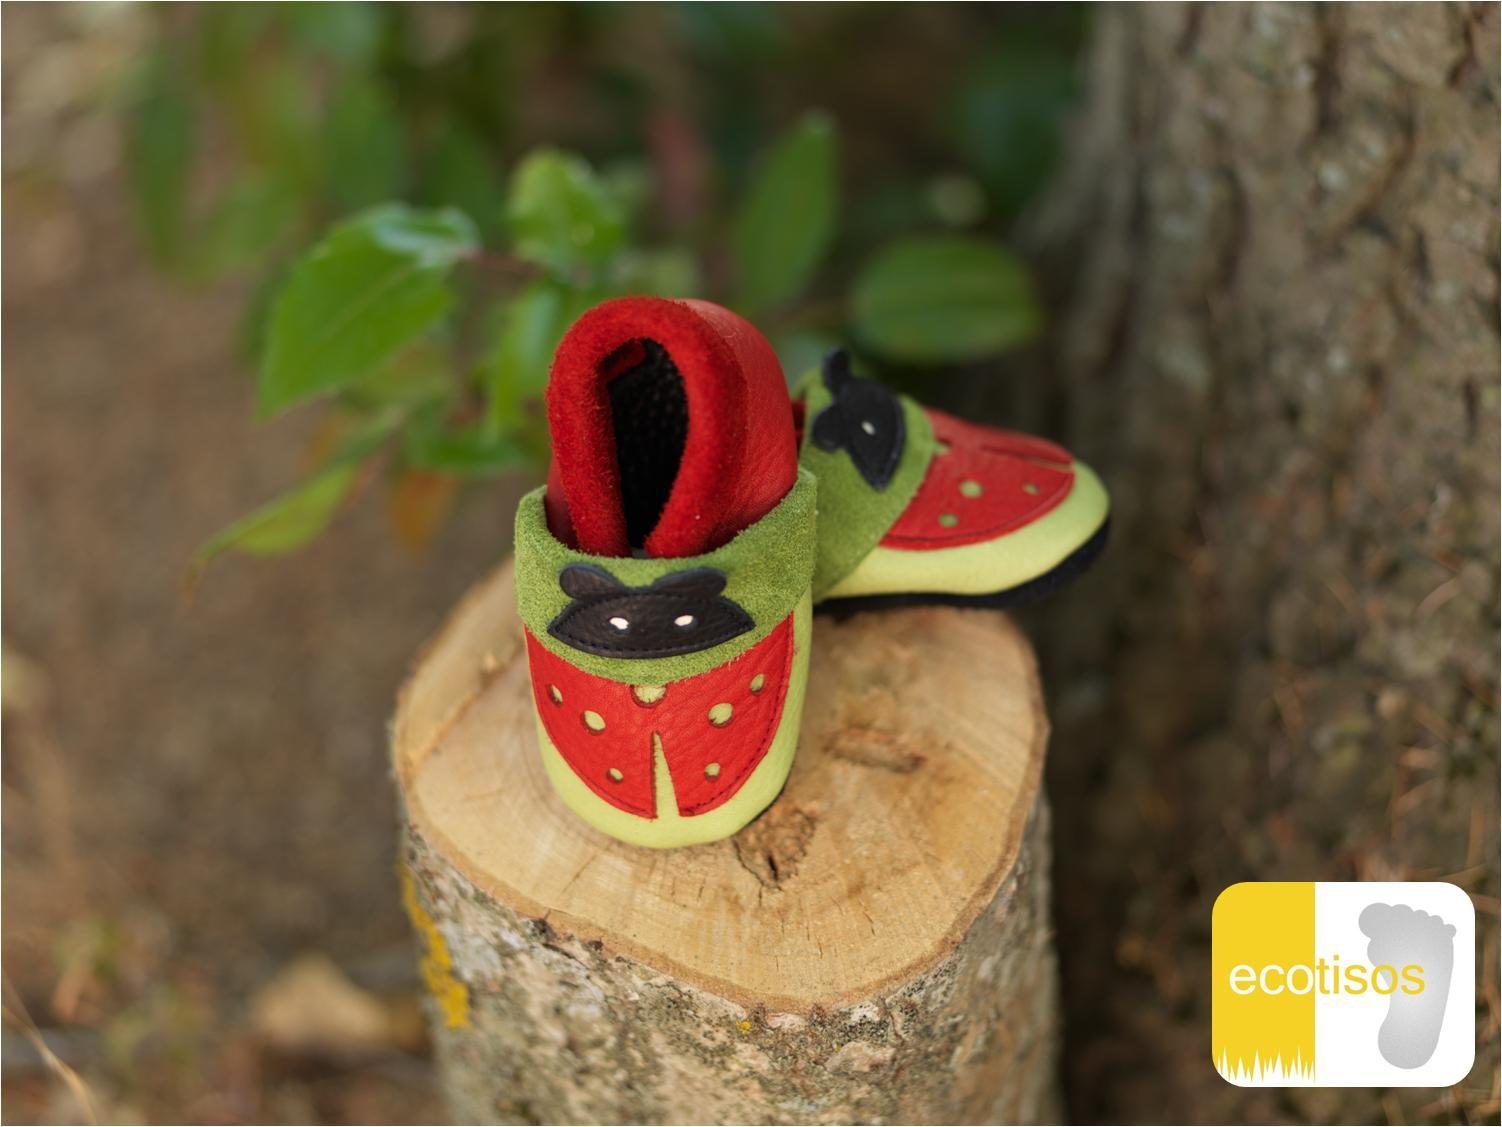 ecotisos - patucos y zapatos infantiles de suela blanda - hechos de cuero ecológico - modelo MARIQUITA